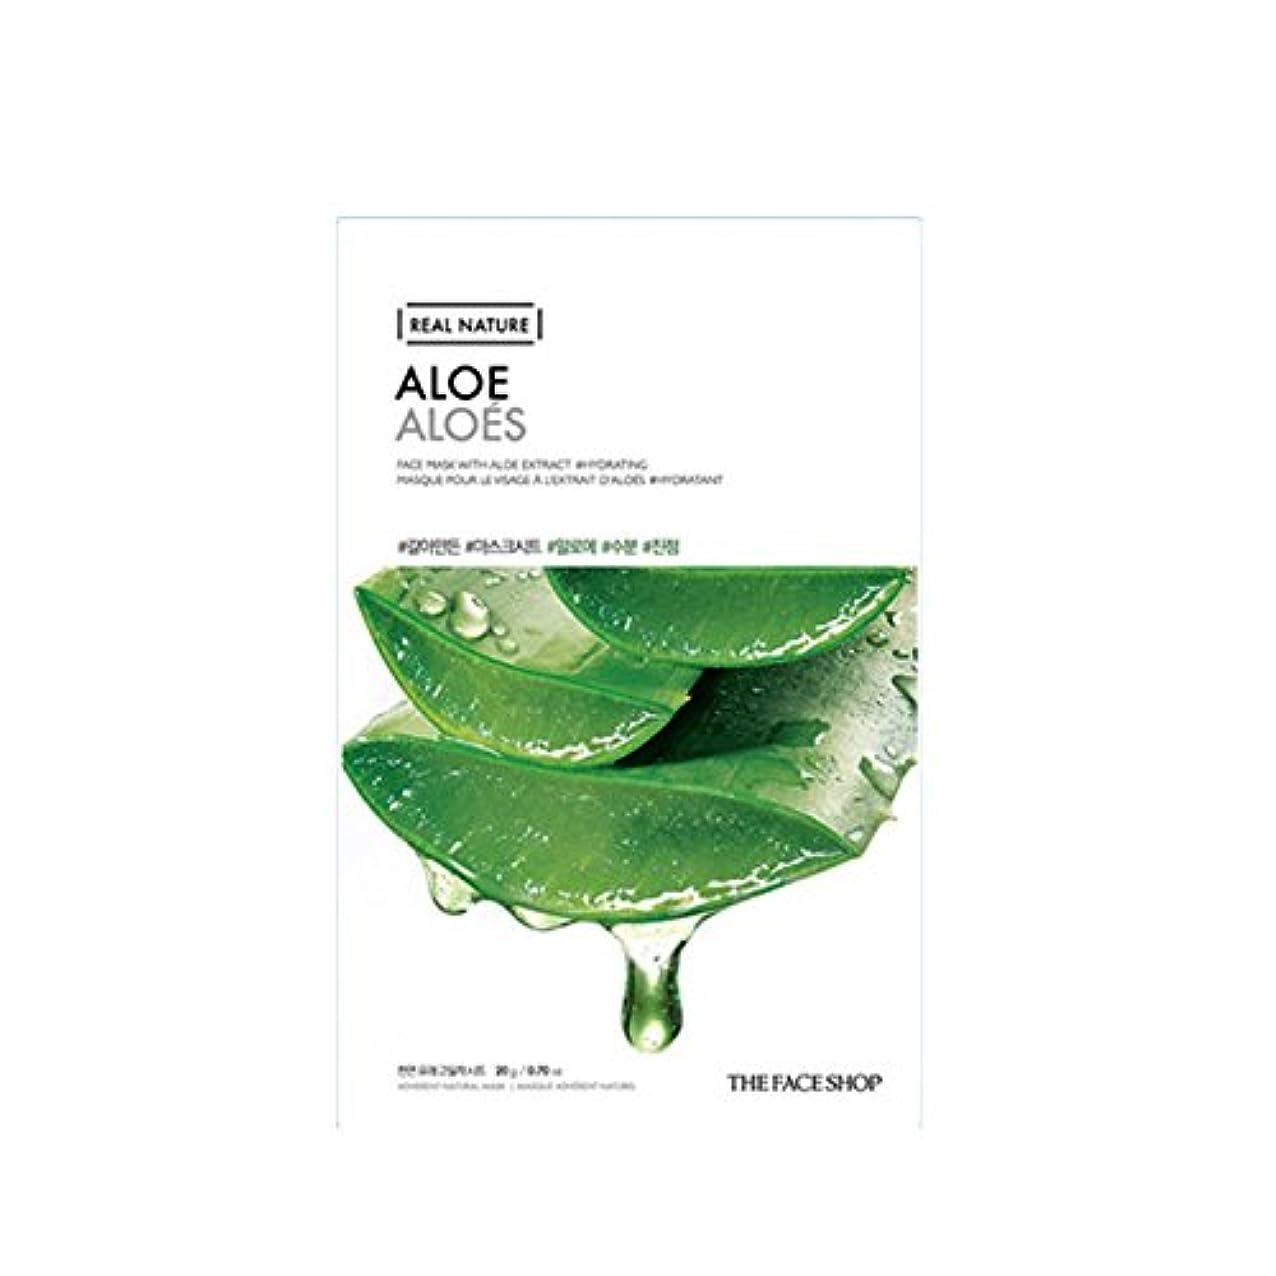 解任先にリサイクルする[The Face Shop] ザフェイスショップ リアルネイチャーマスクシート Real Nature Mask Sheet (Aloe (アロエ) 10個) [並行輸入品]